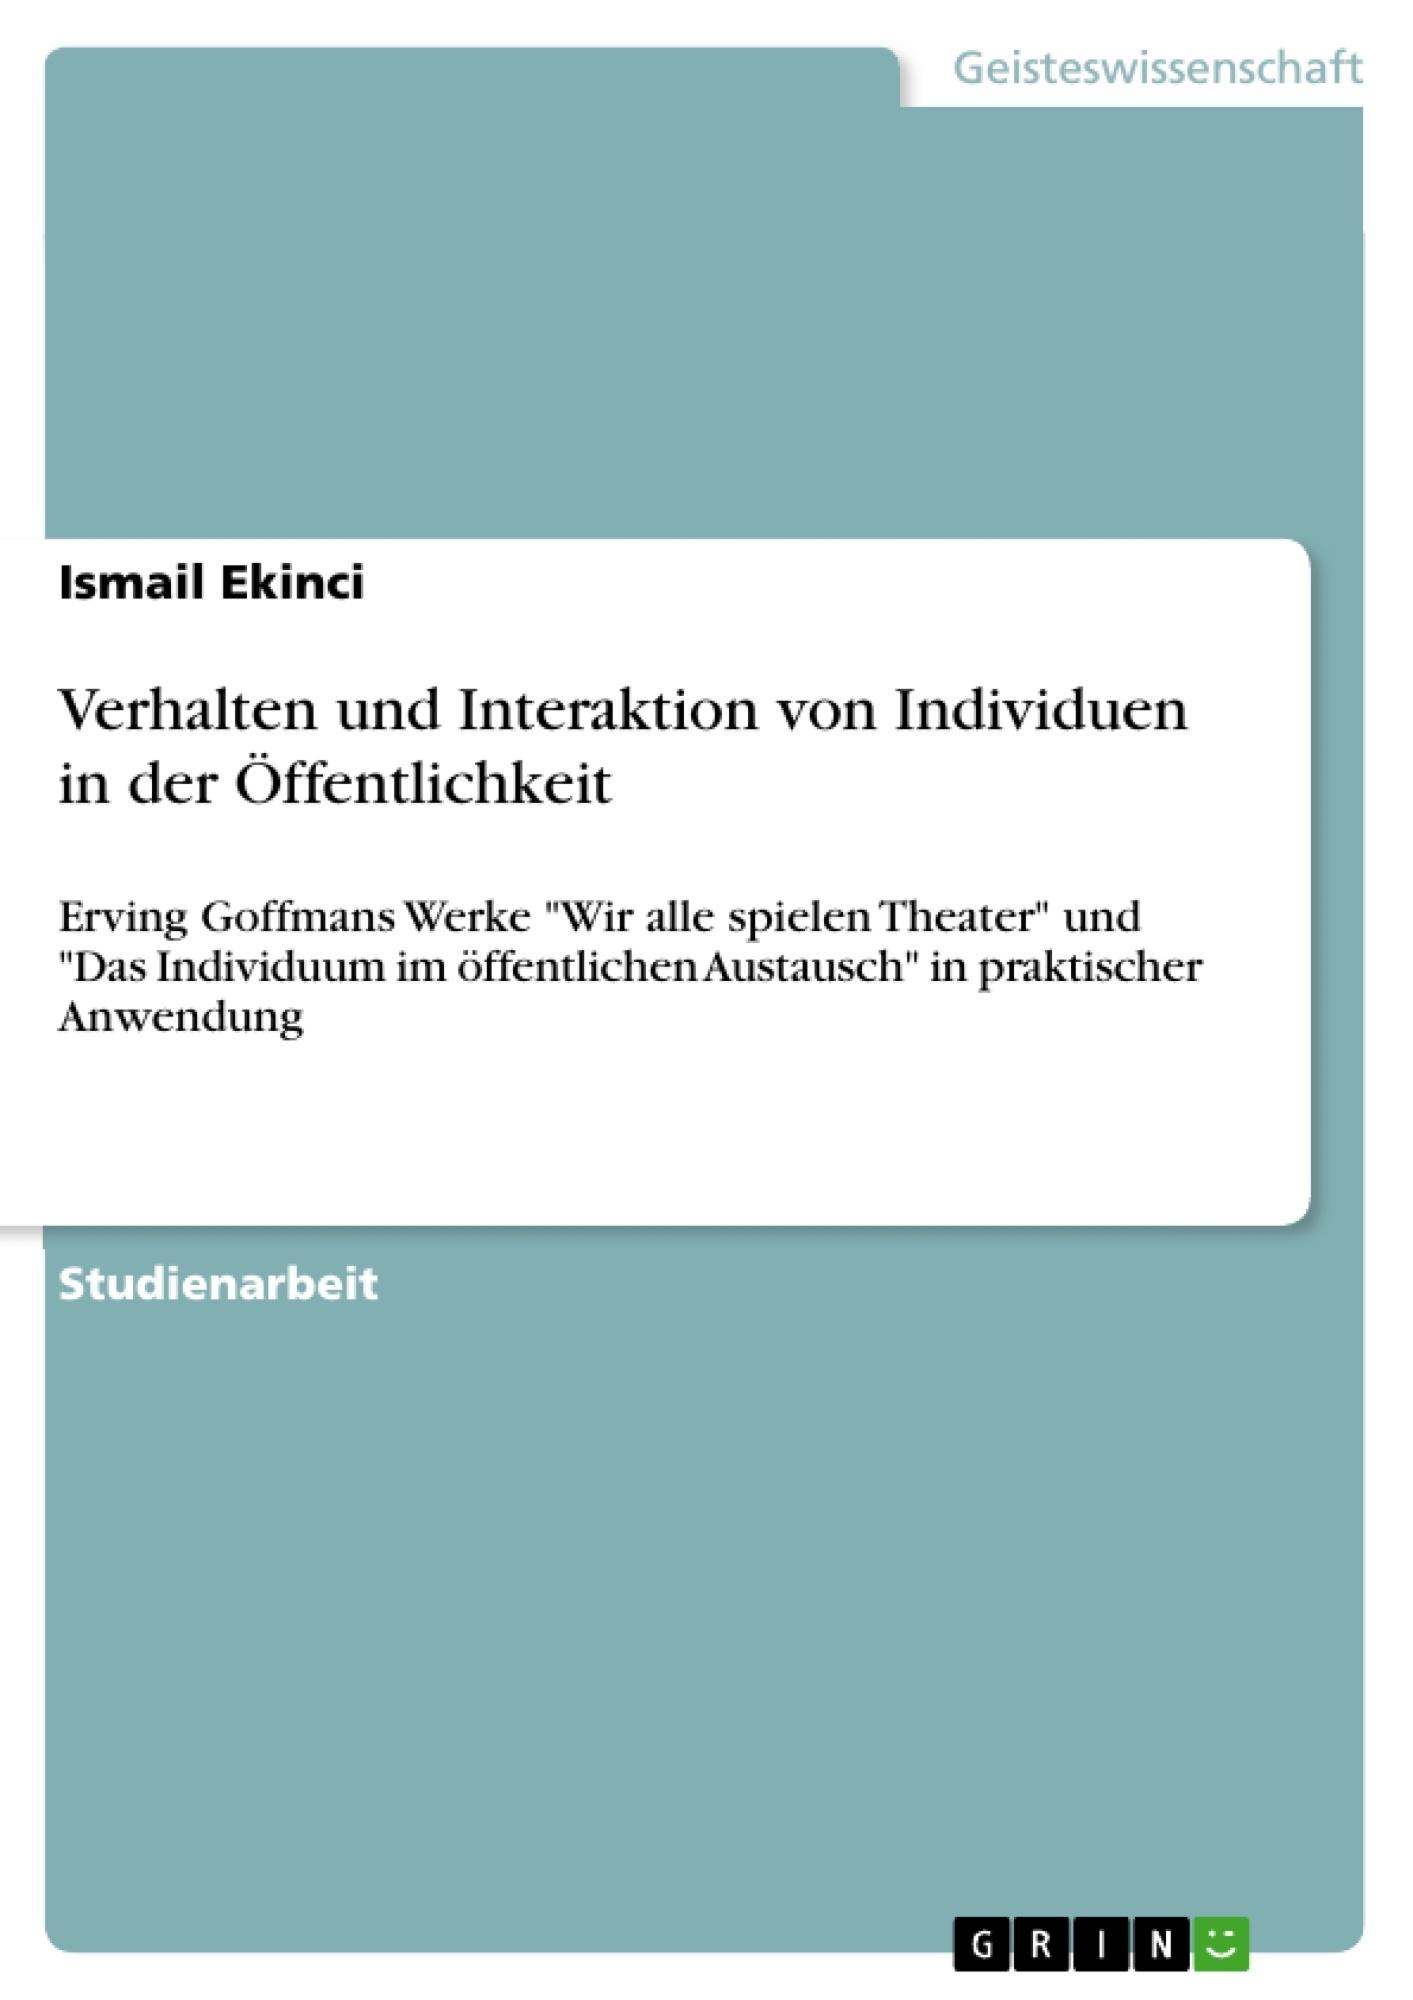 Titel: Verhalten und Interaktion von Individuen in der Öffentlichkeit